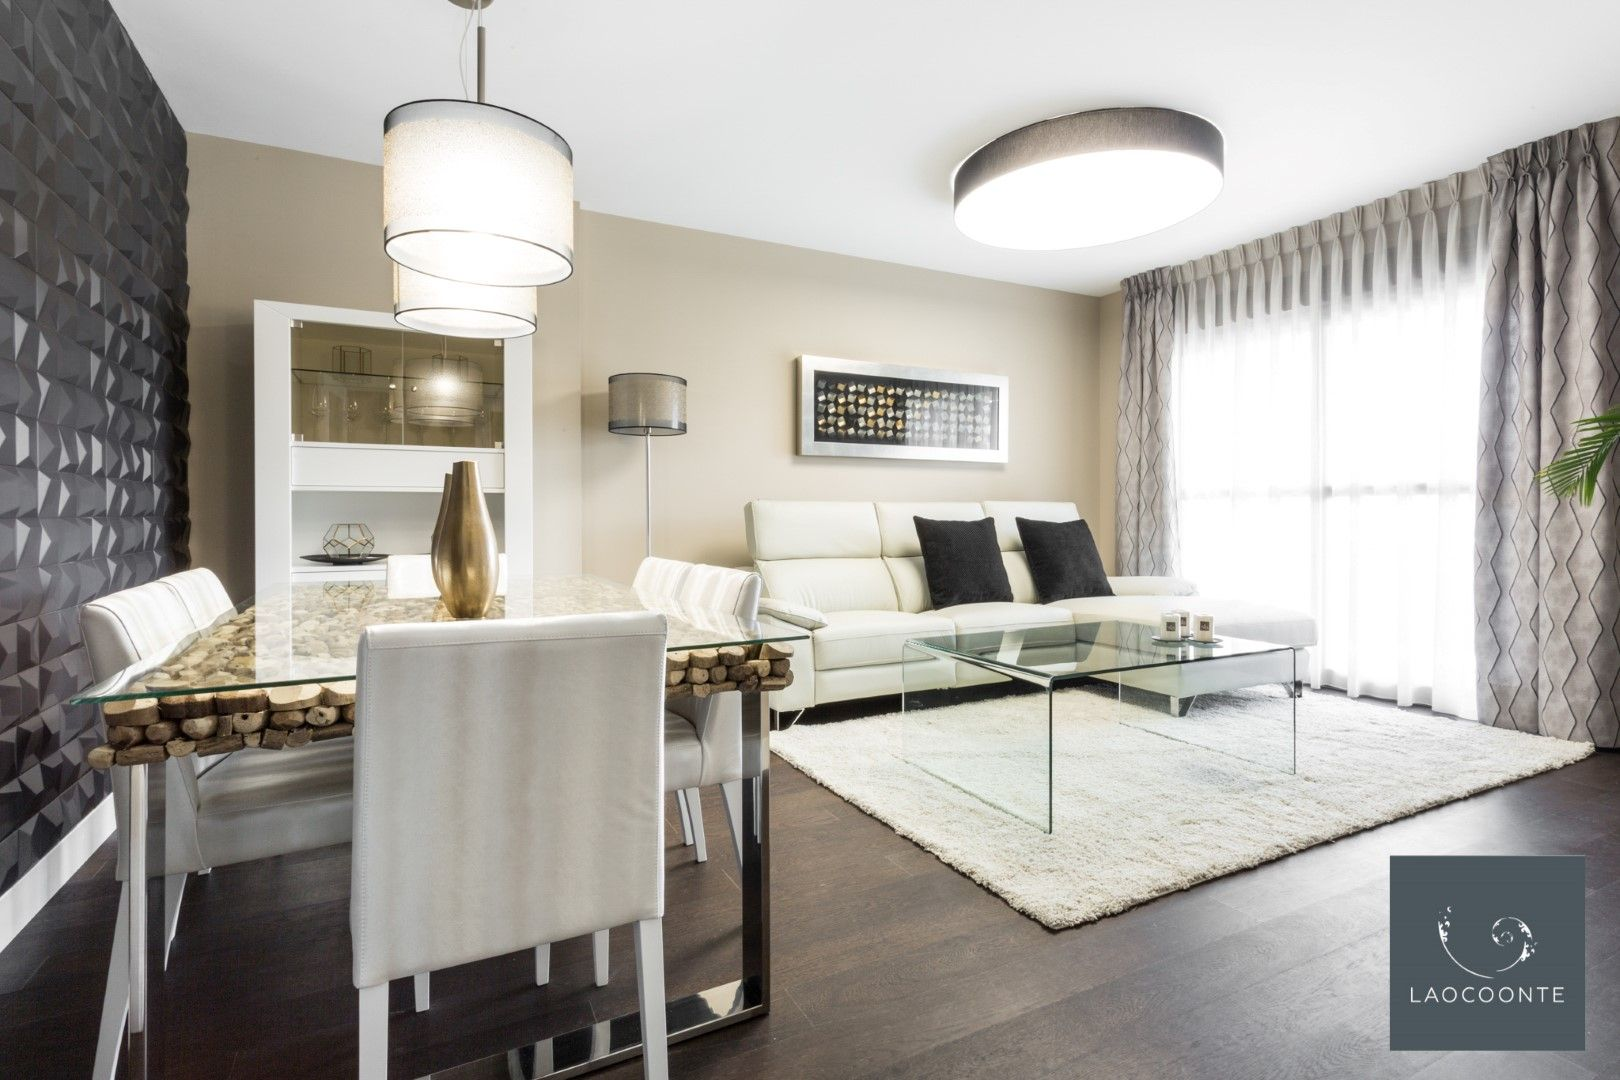 La decoraci n del hogar influye en la calidad de vida for Decoracion del hogar leticia